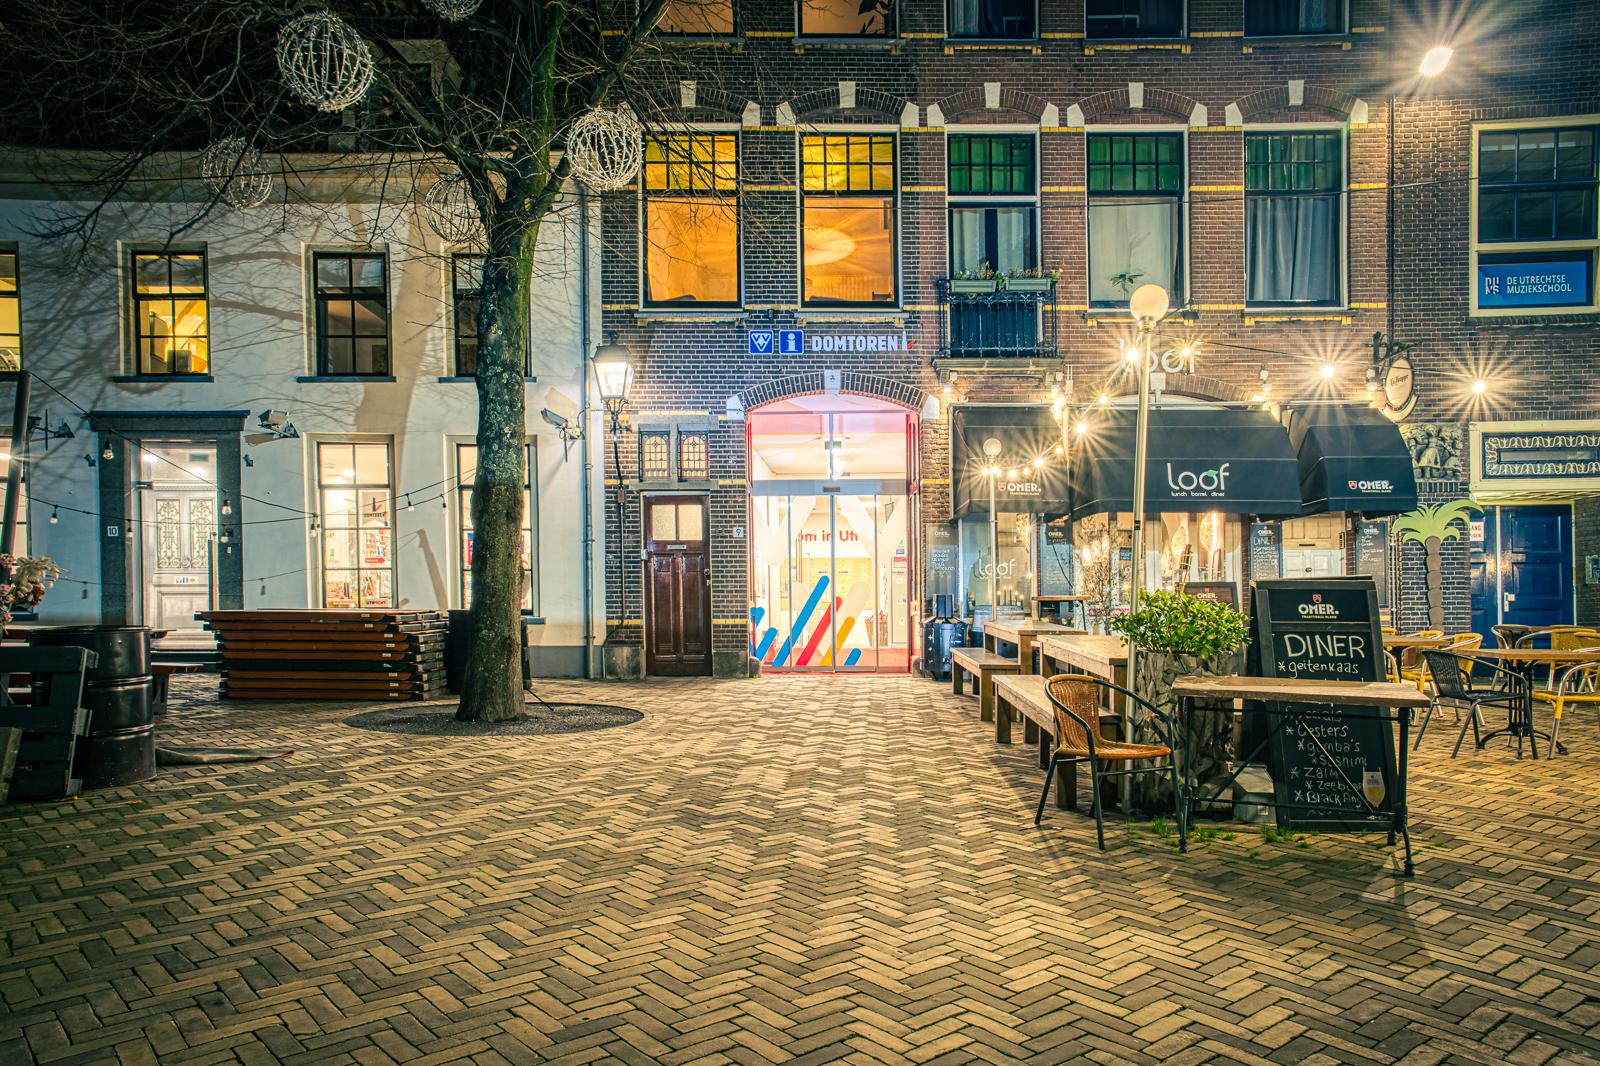 VVV Winkel Ontdek Utrecht ©Jelle Verhoeks uitgiftepunt utrecht region pass